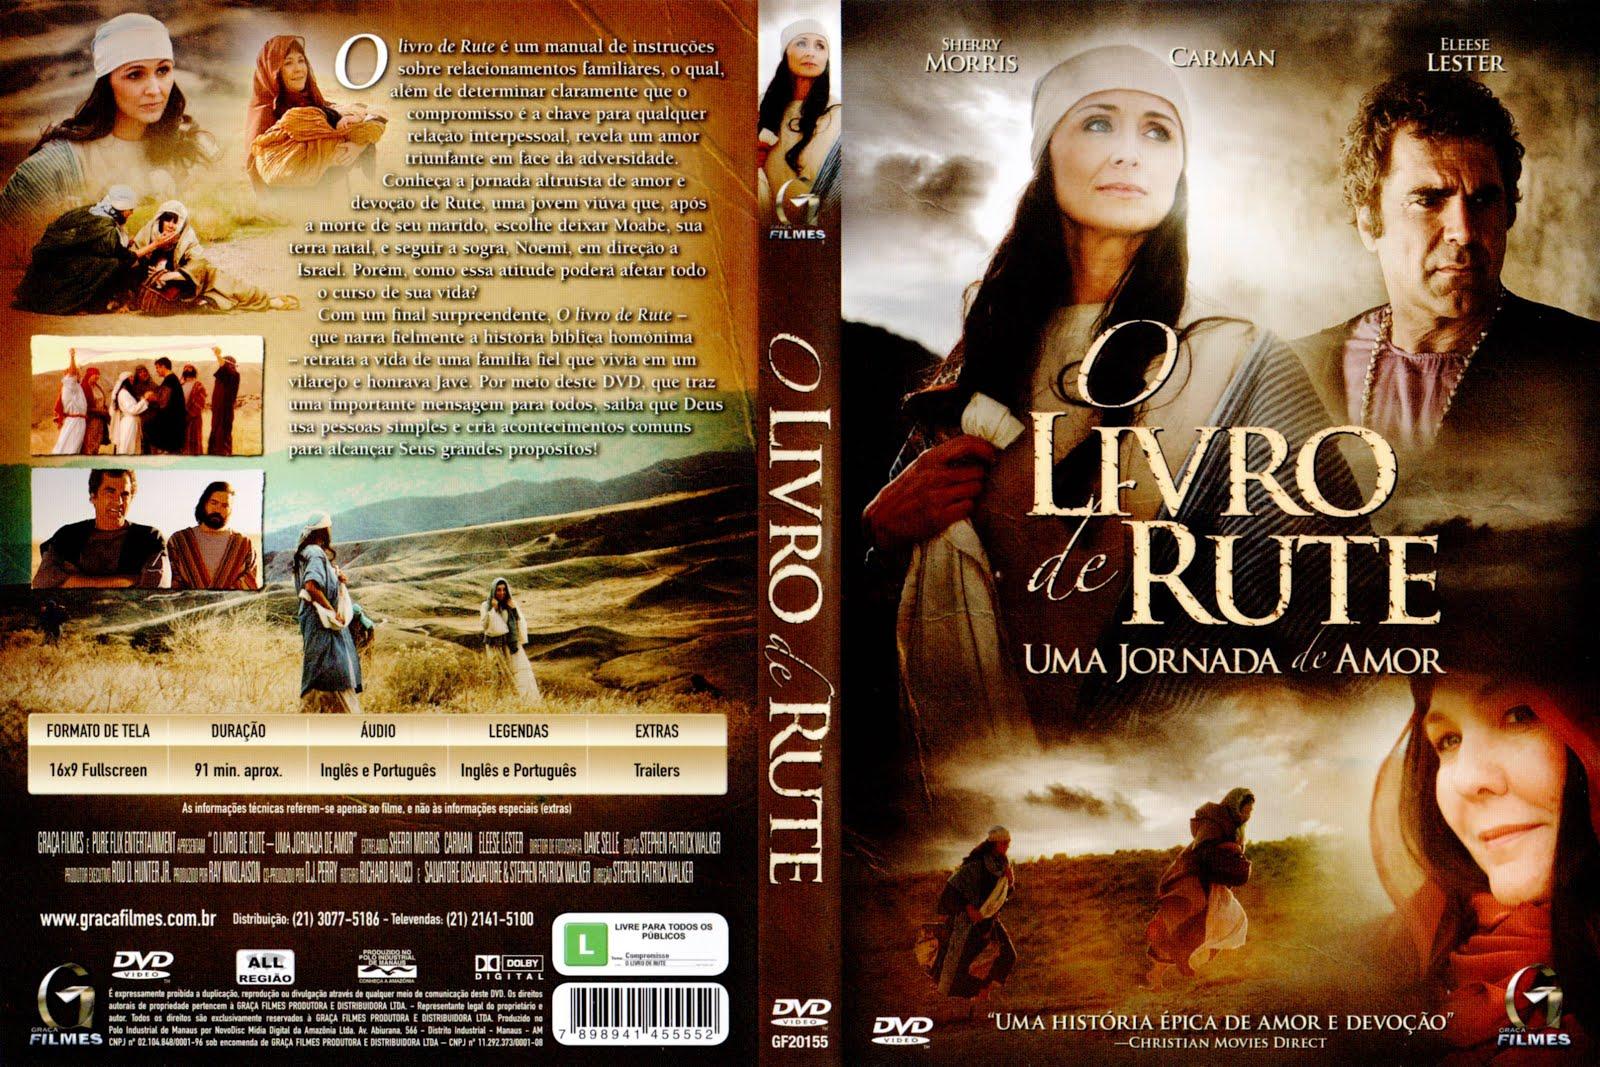 FILME ONLINE O LIVRO DE RUTE -UMA JORNADA DE AMOR